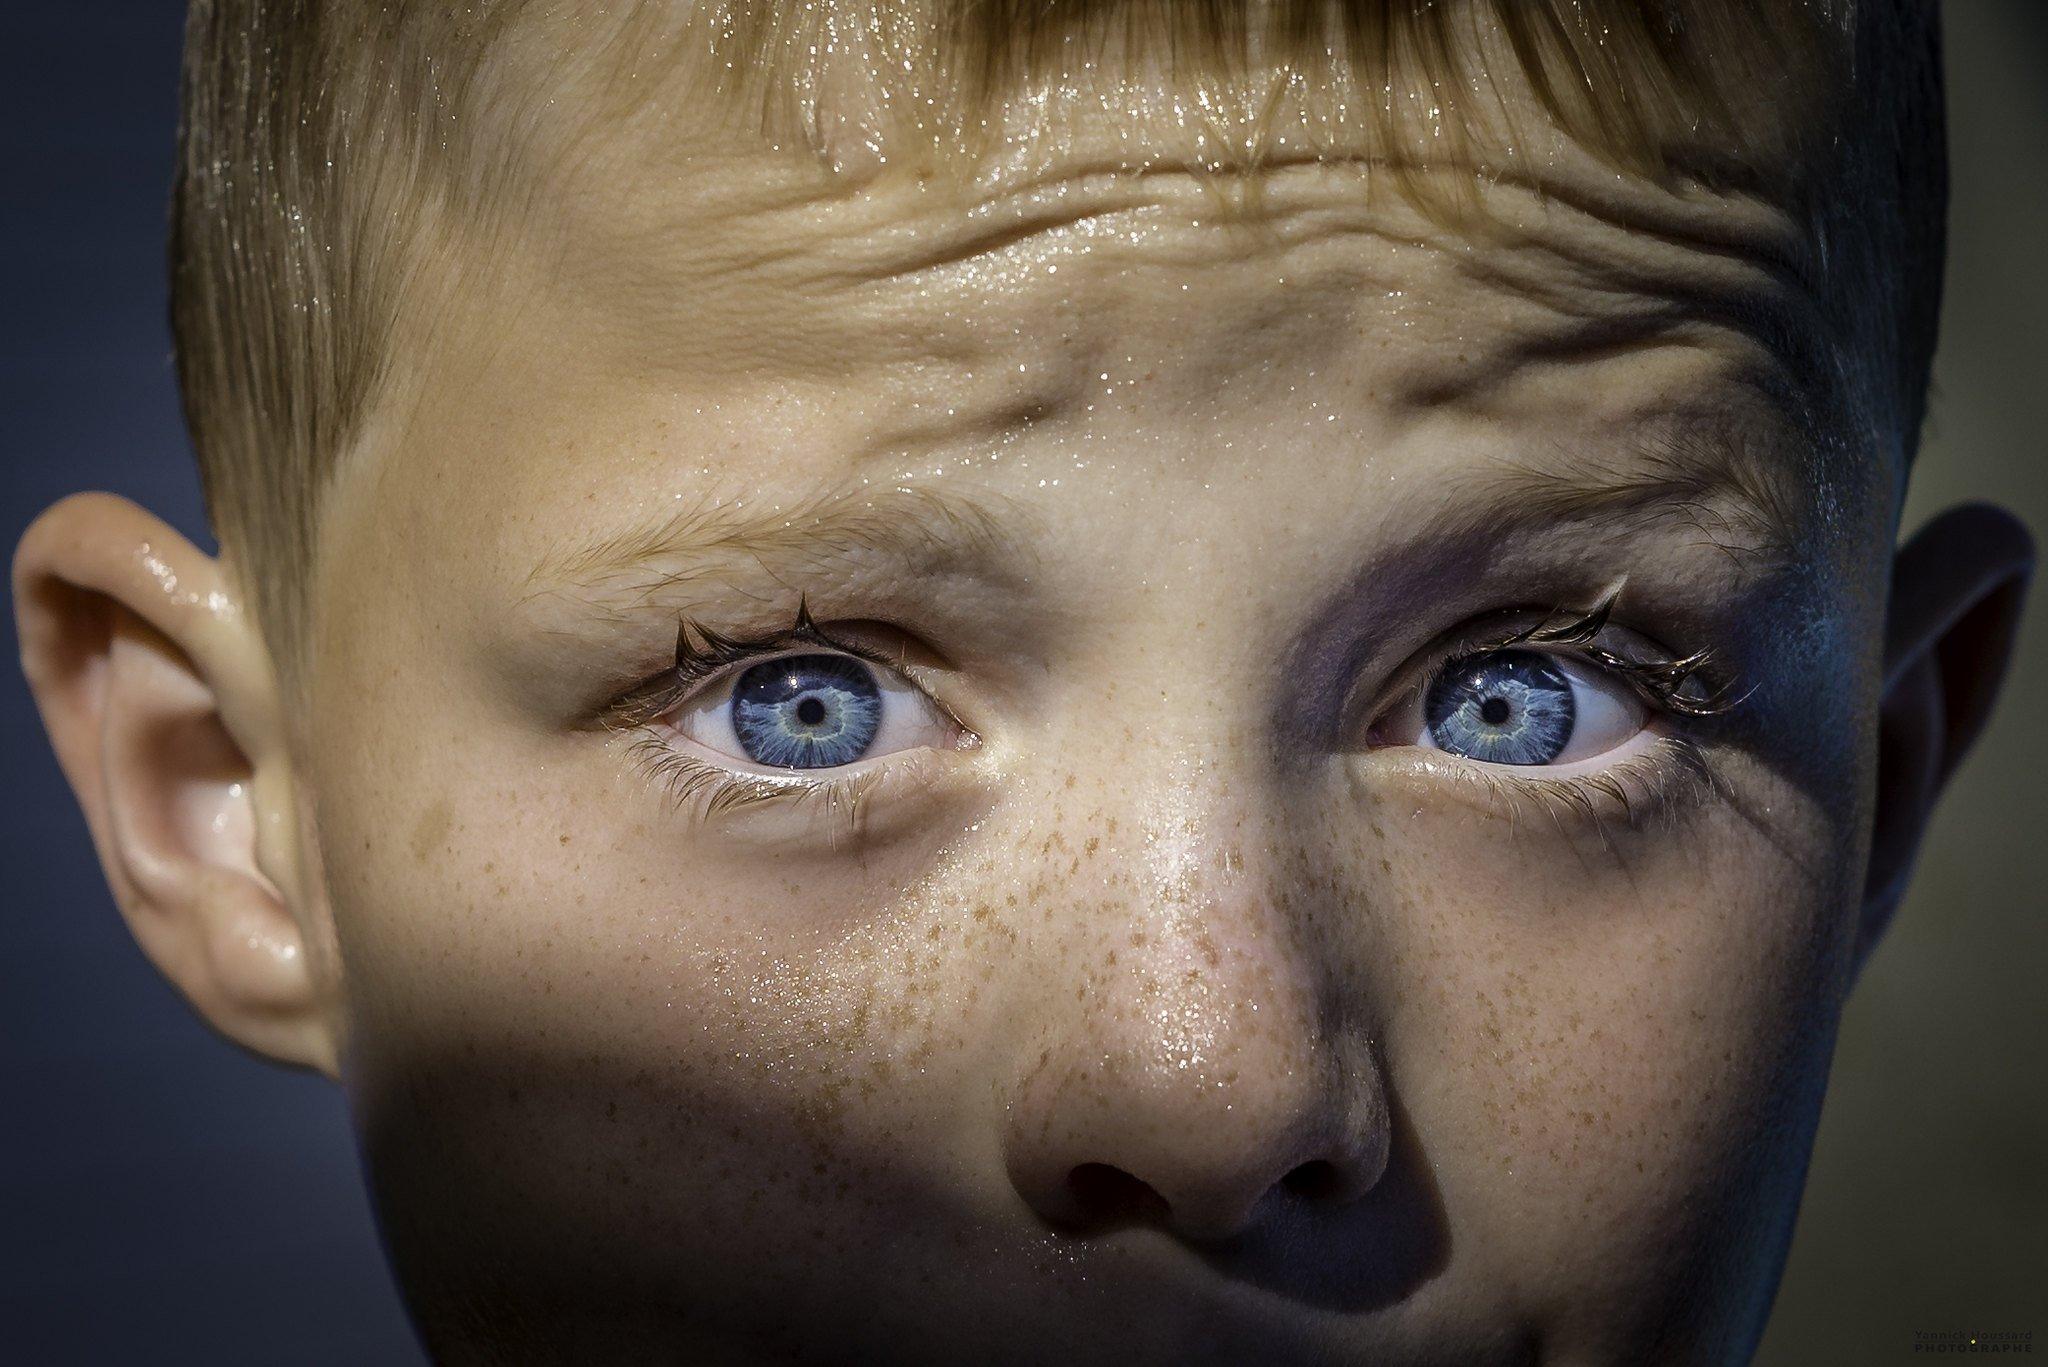 yannick houssard flickr.jpg?resize=1200,630 - Saviez-vous que toutes les personnes aux yeux bleus descendent du même ancêtre ?